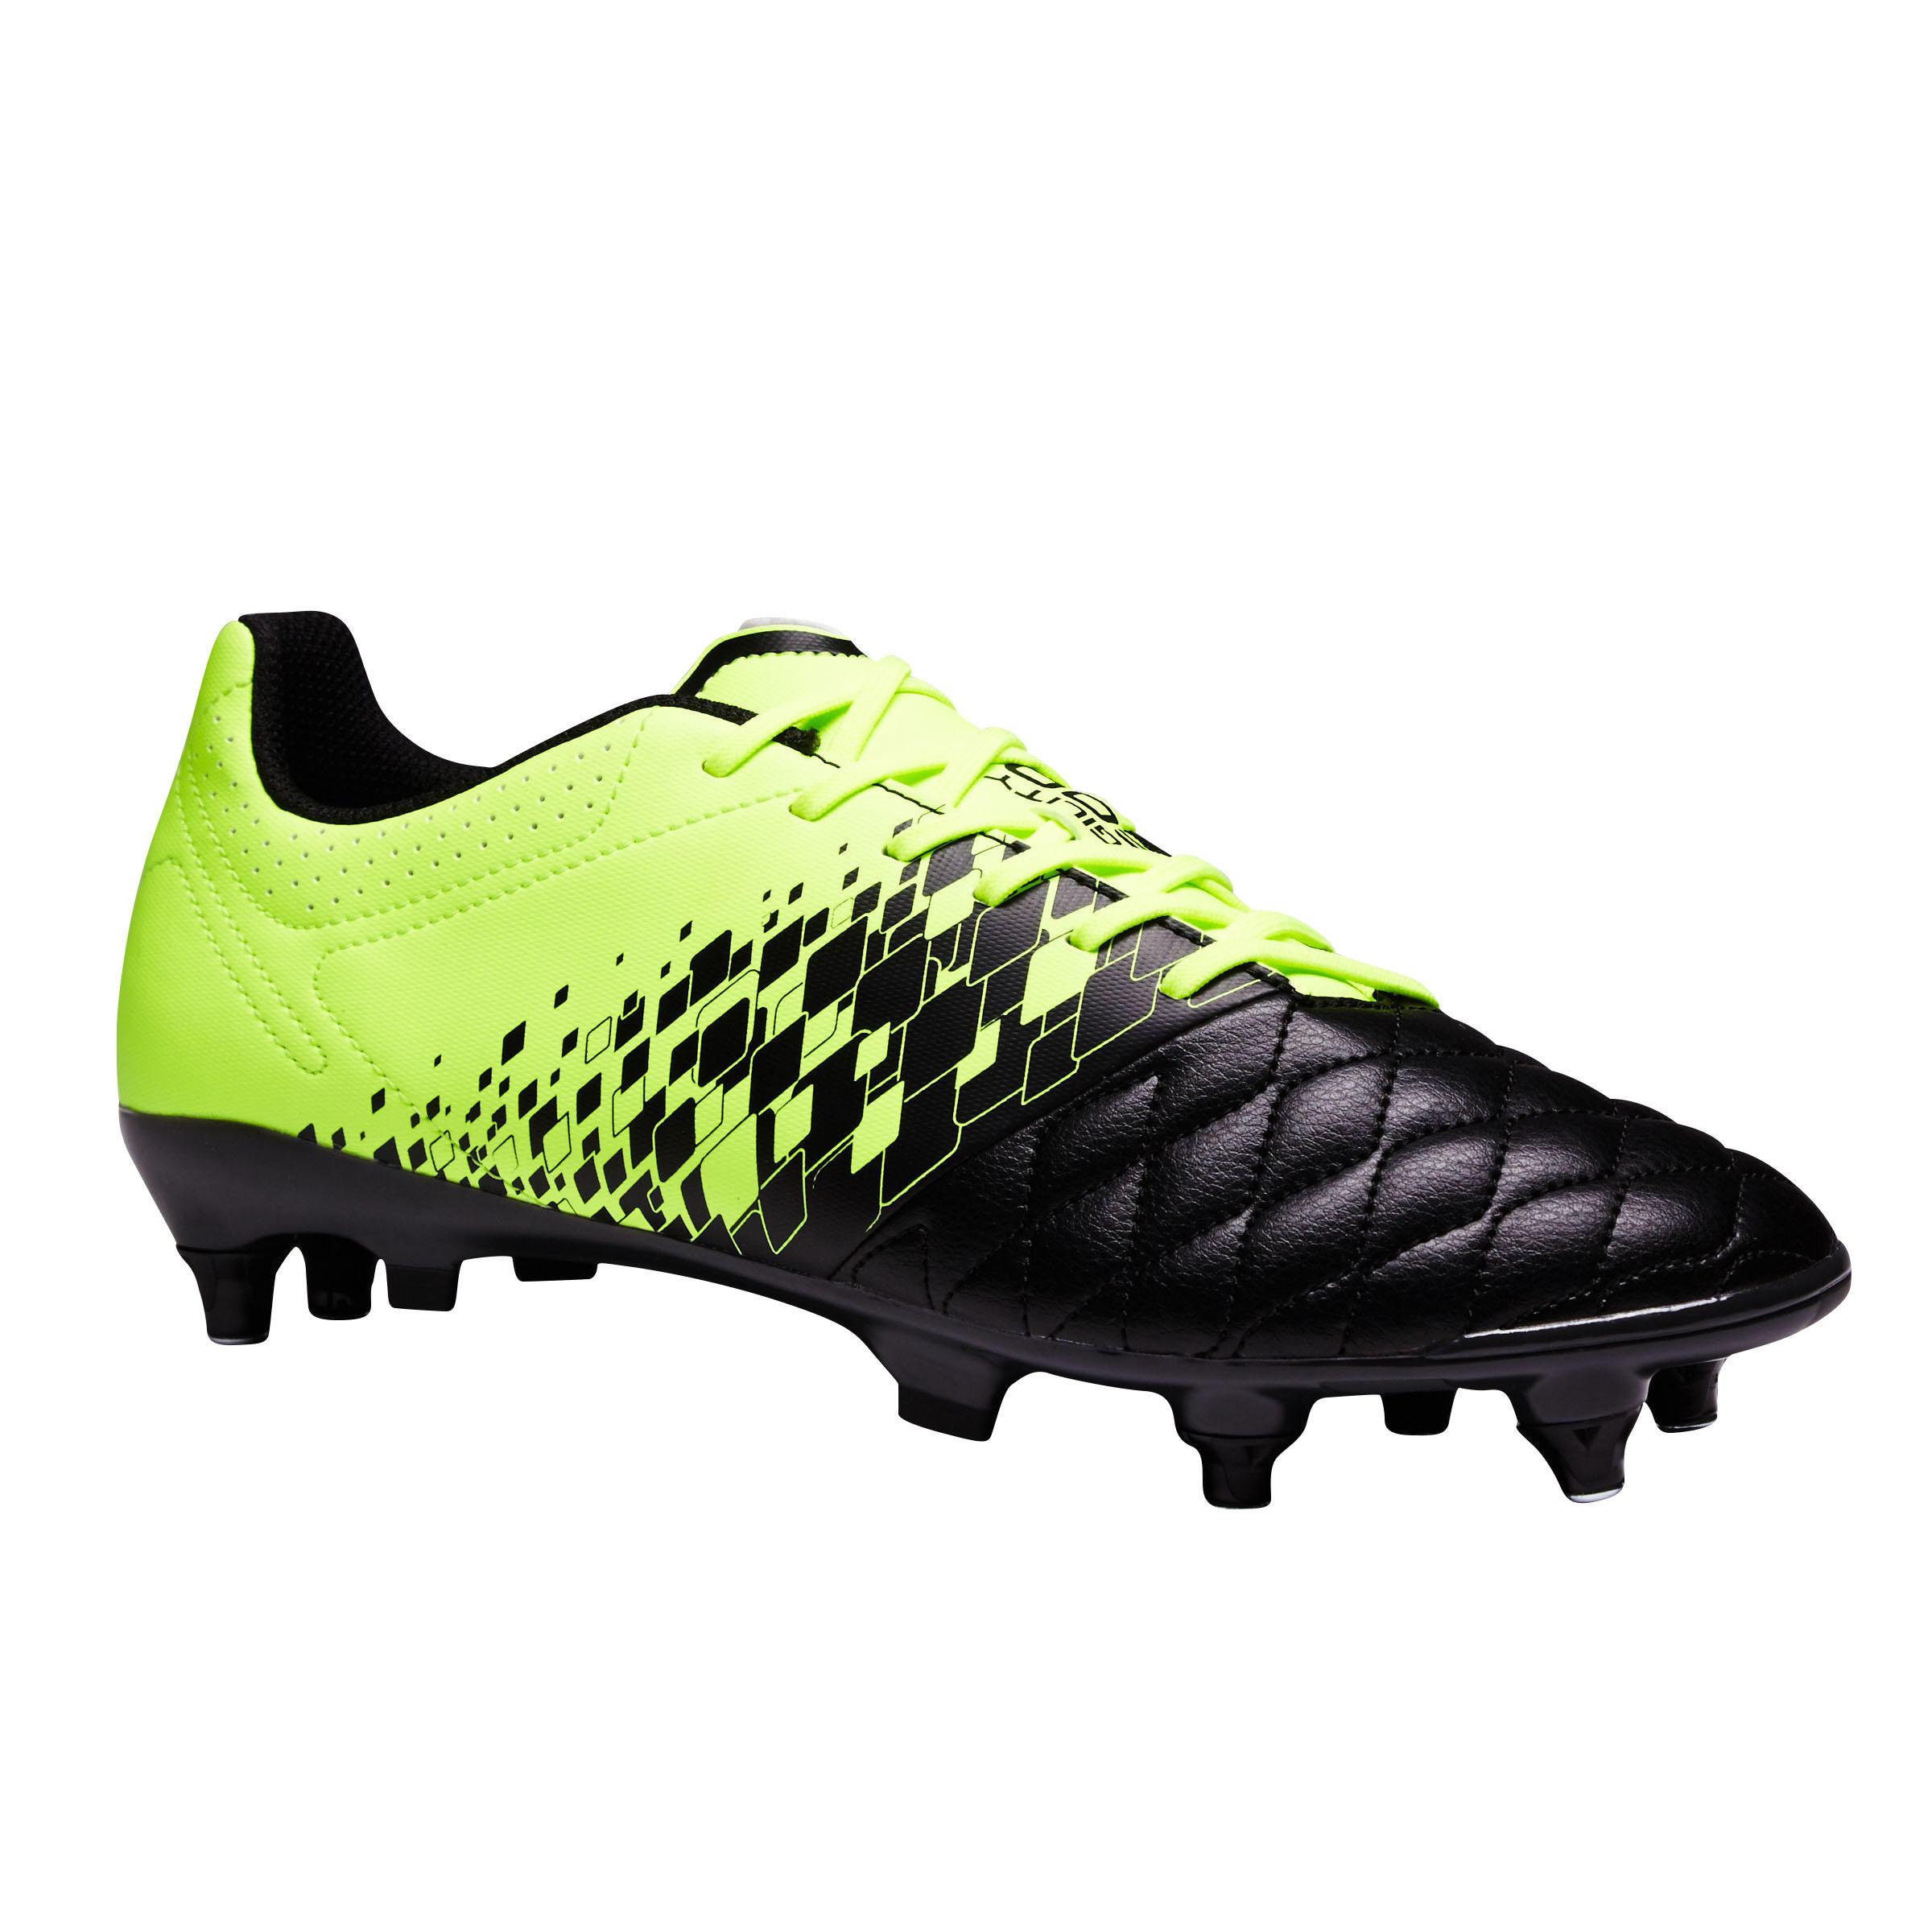 Kipsta Voetbalschoenen Agility 500 SG zwart/geel